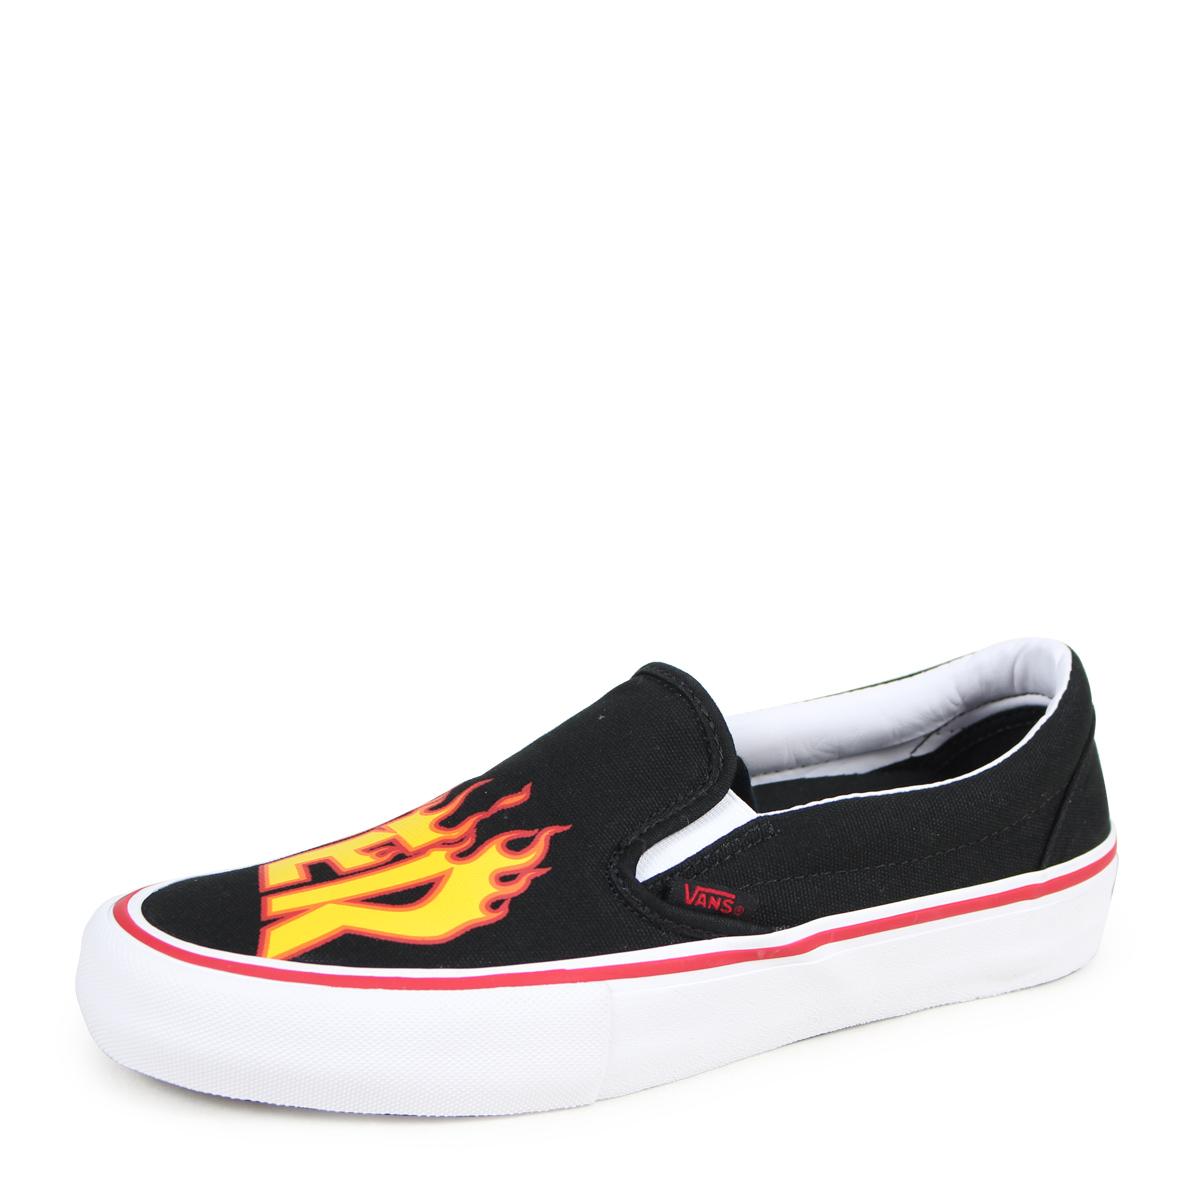 ALLSPORTS  VANS THRASHER SLIP-ON PRO slasher slip-ons sneakers men ... f17c3ca67